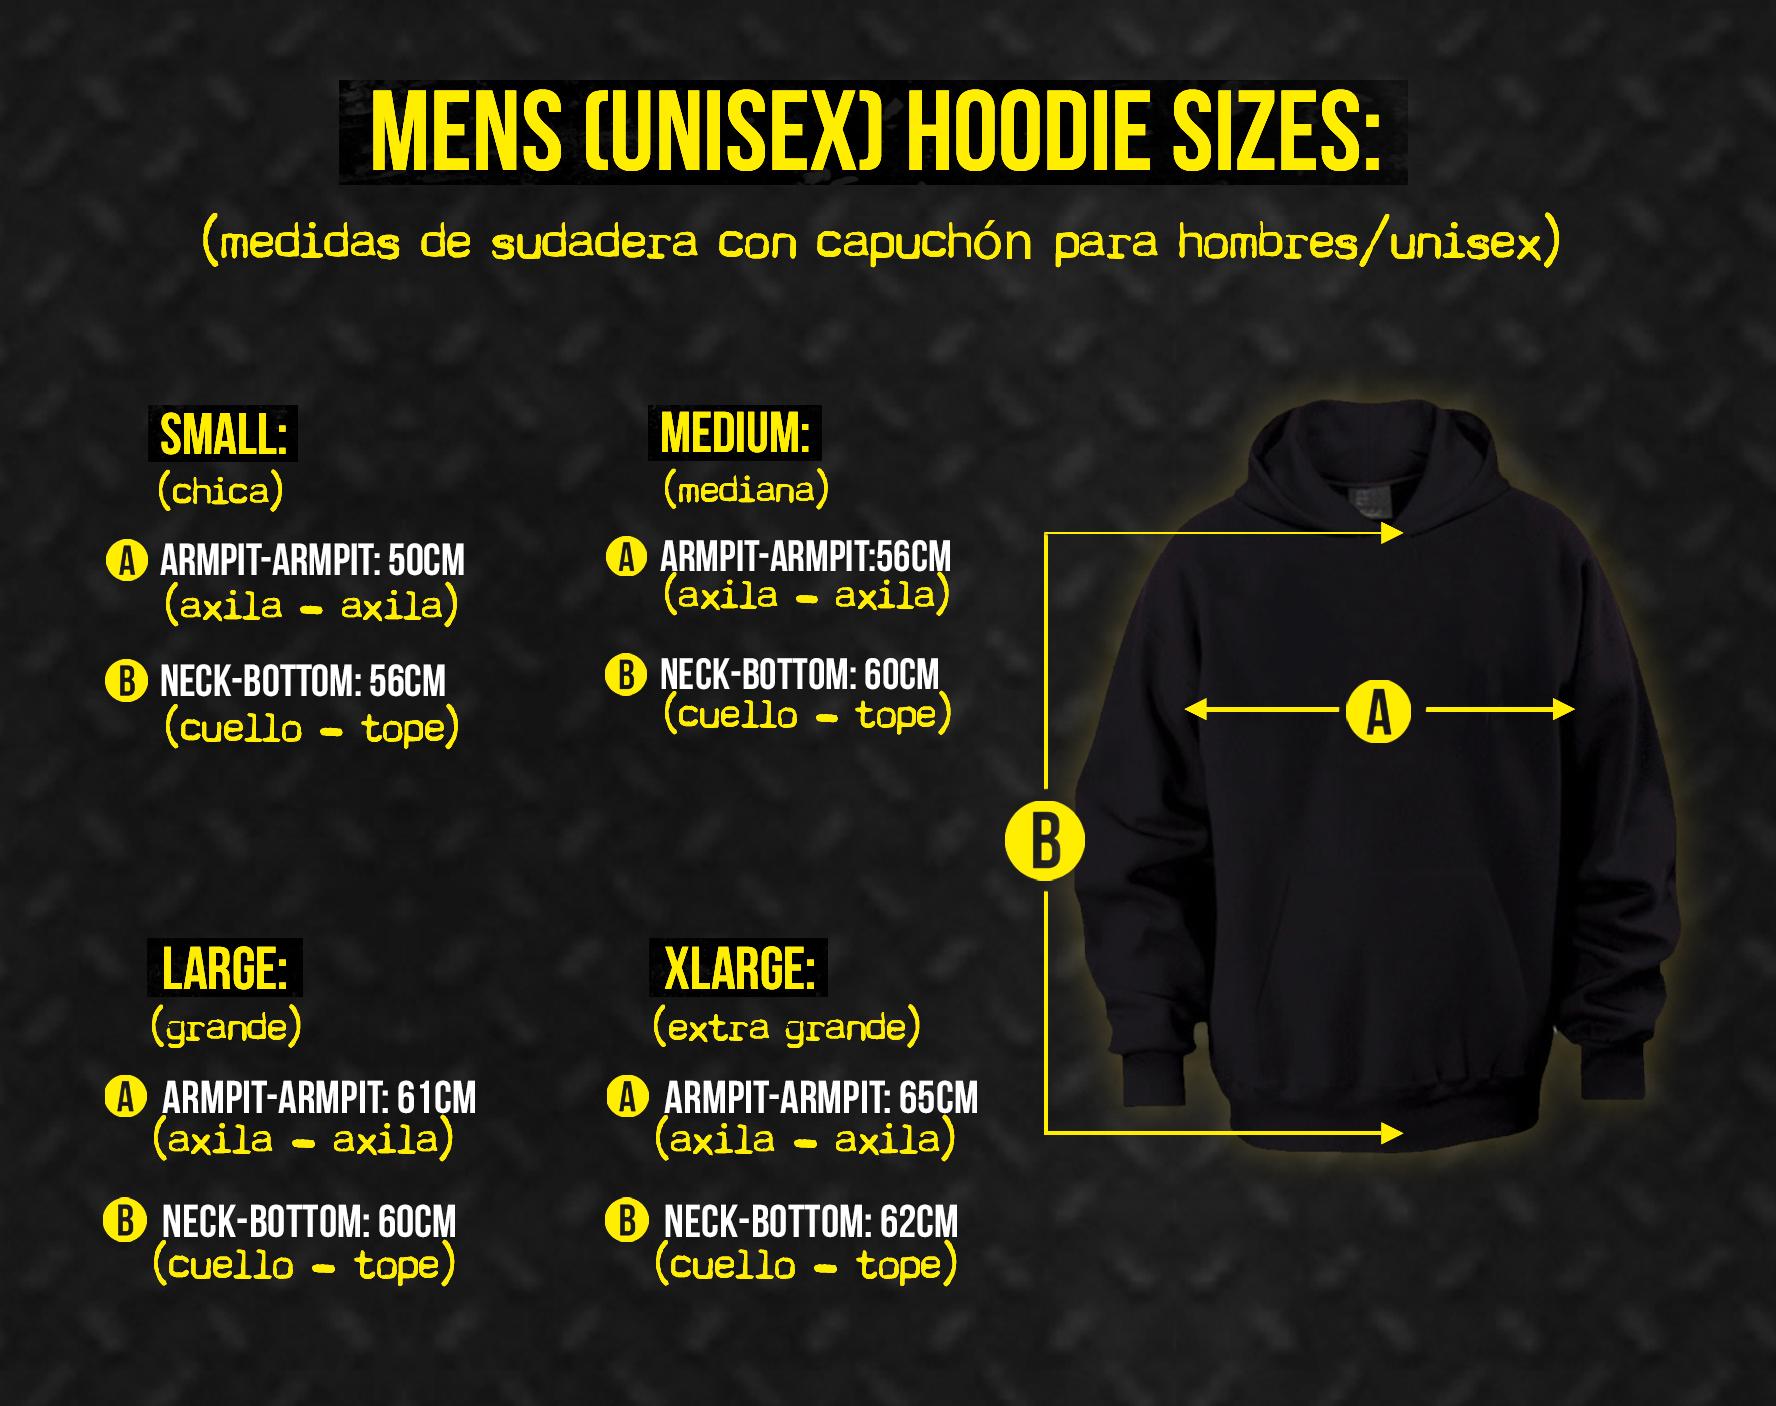 mens-unisex-hoodies-sizes.jpg